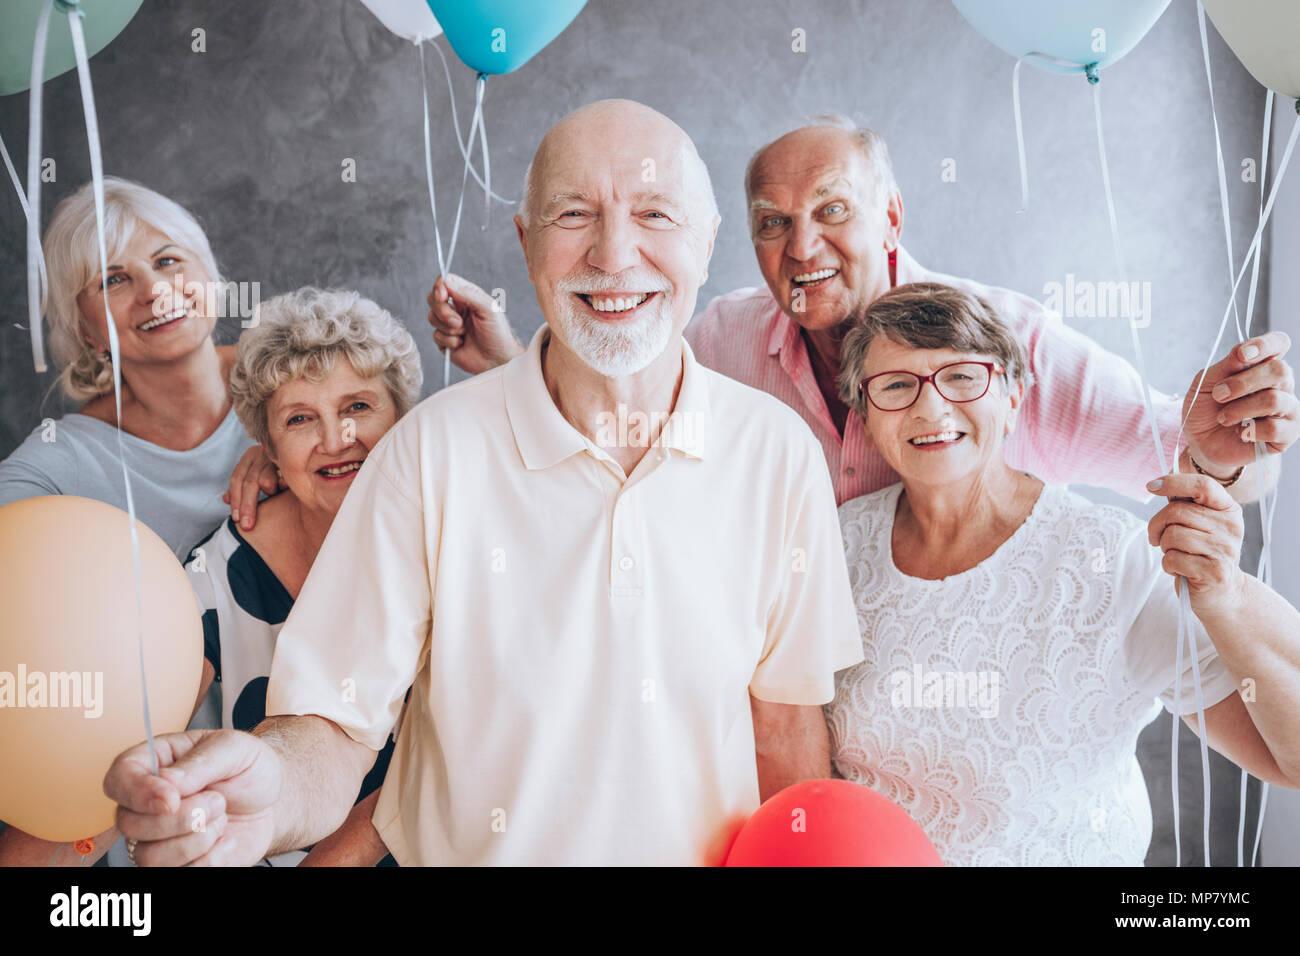 Lächelnd älterer Mann und seine Freunde mit Ballons mit seiner Geburtstagsfeier Stockfoto